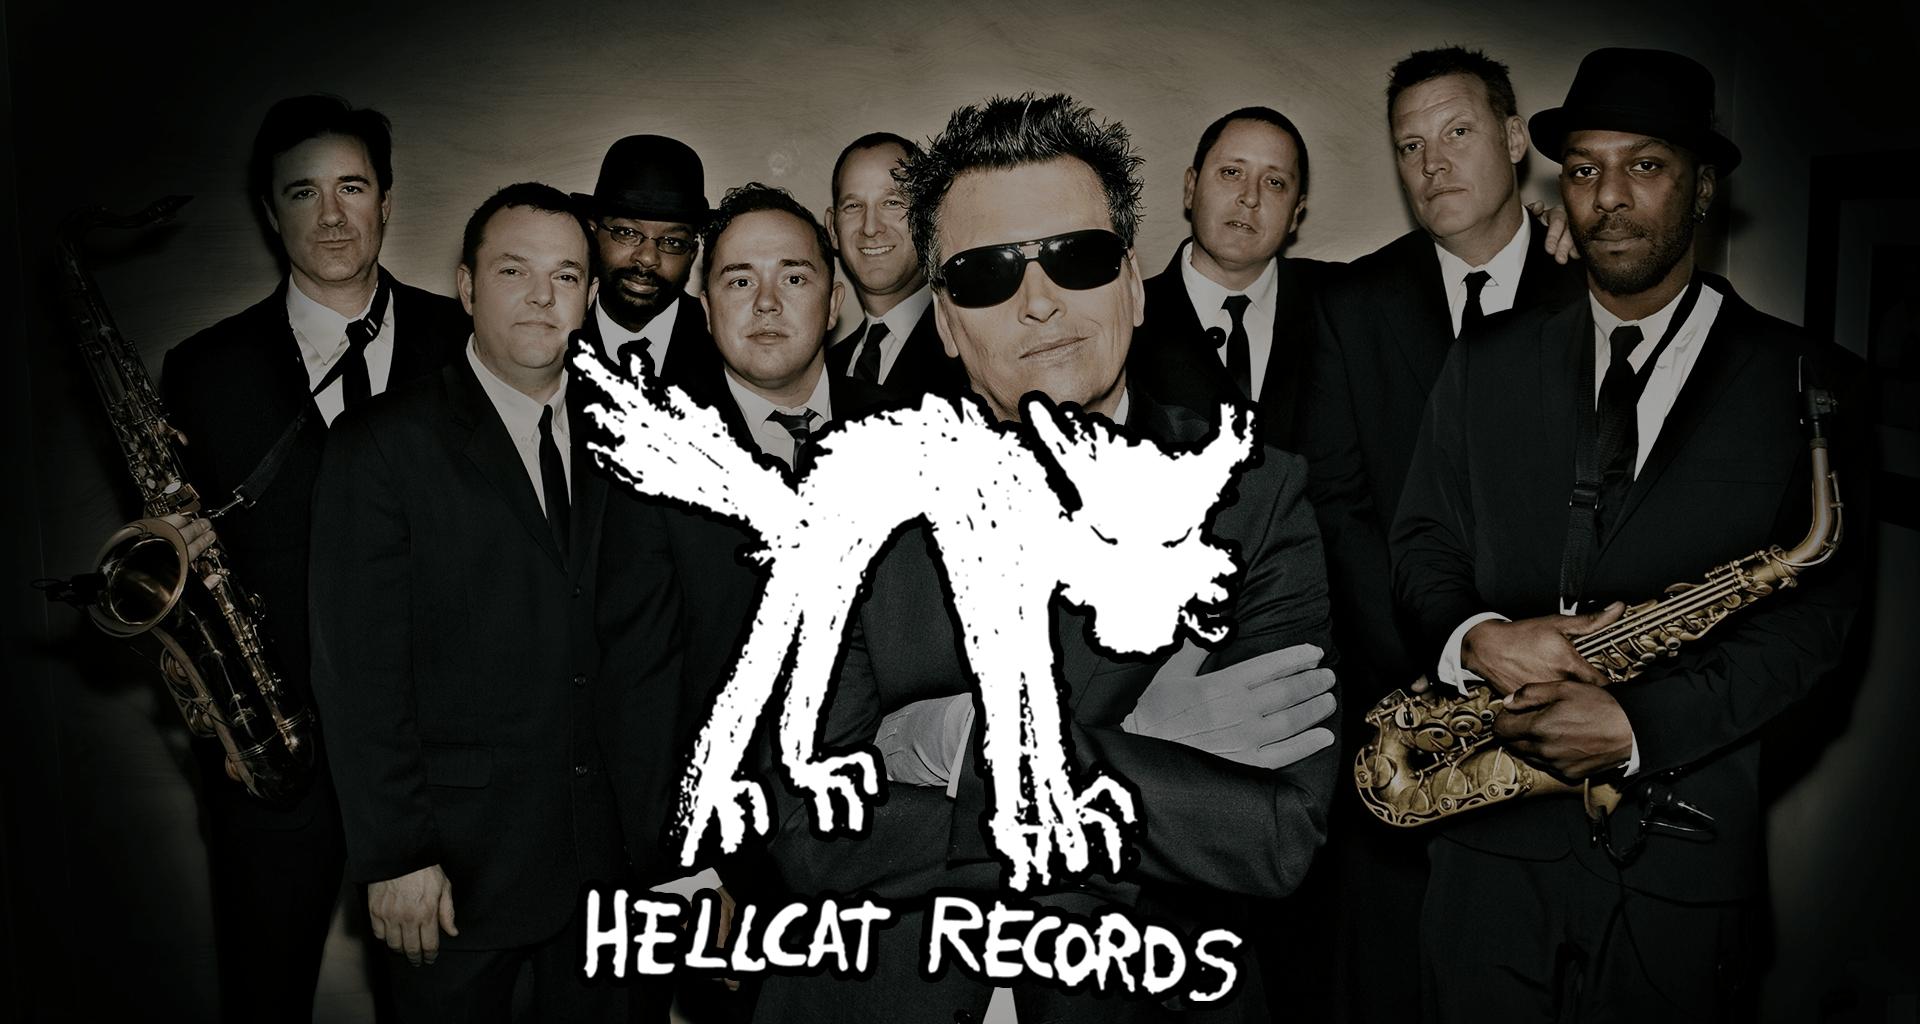 The Mighty Mighty BossToneS su Hellcat con Tim dei Rancid e Aimee degli Interrupters e molti altri...